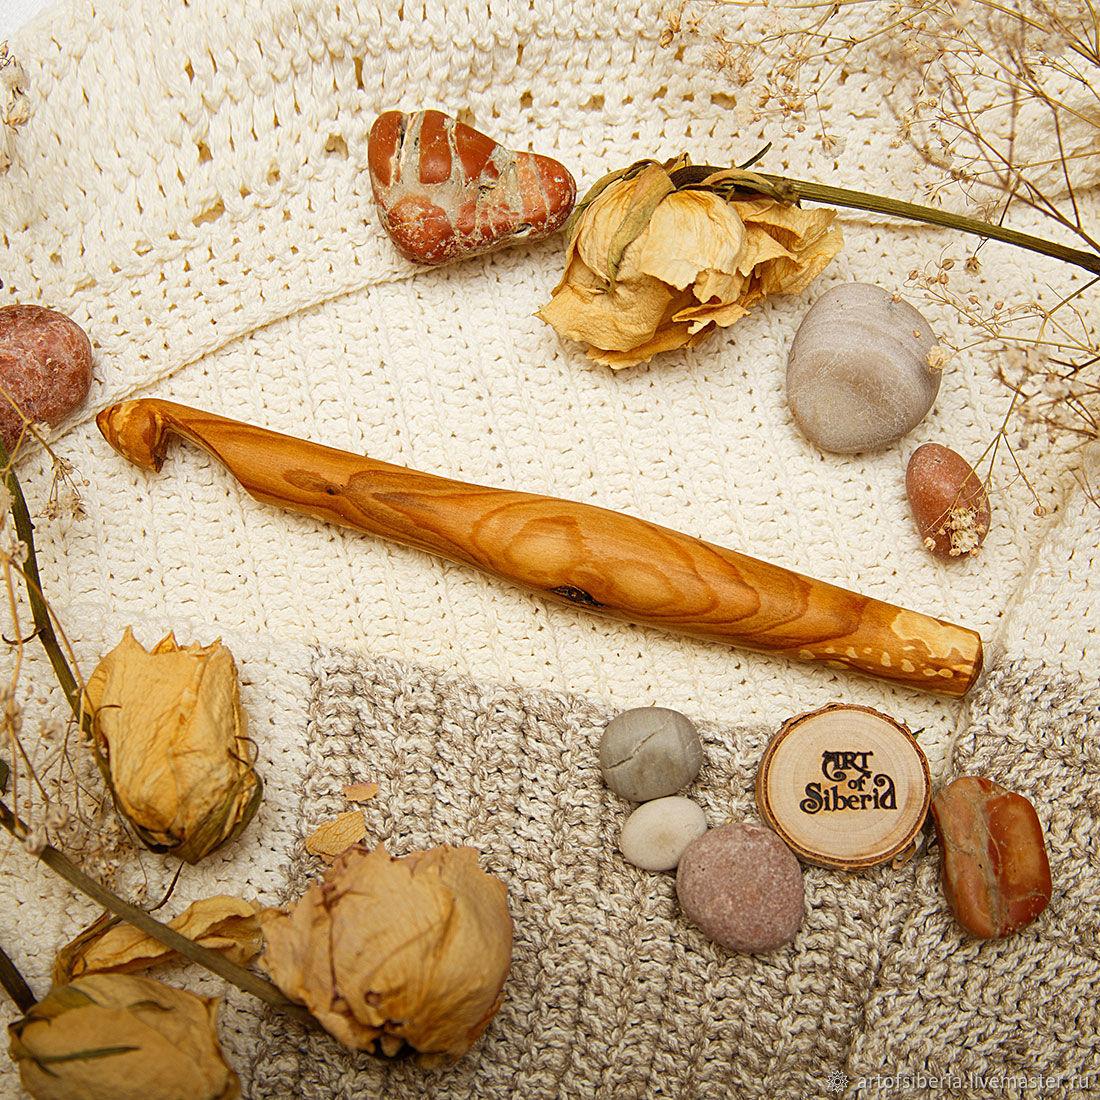 Деревянный Крючок для вязания 14 мм Вишня Крючки из дерева #K59, Инструменты для вязания, Новокузнецк, Фото №1